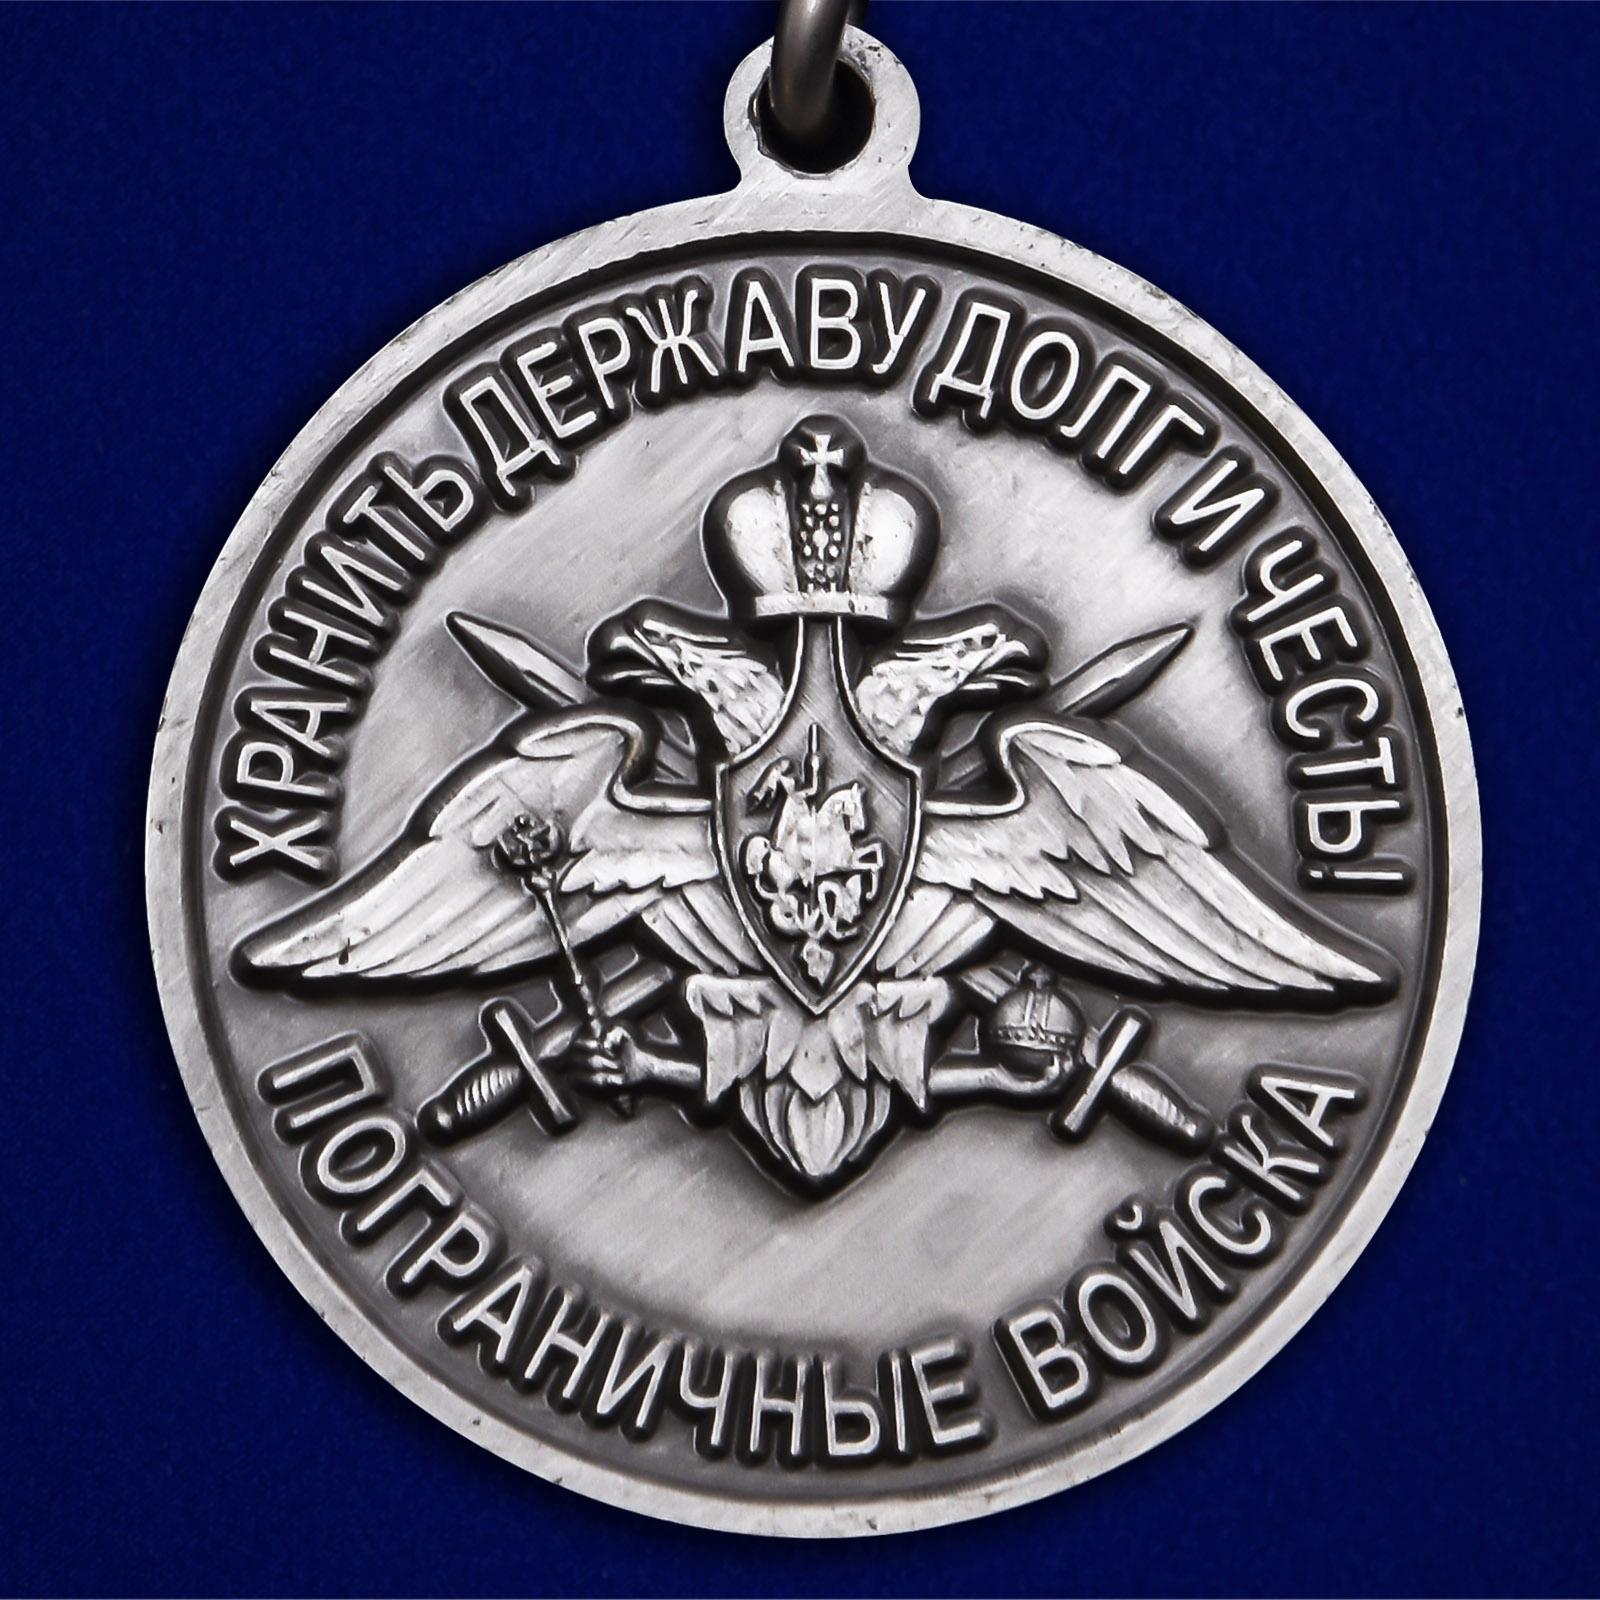 """Медаль Погранвойск """"За службу в Панфиловском погранотряде"""" - высокое качество"""